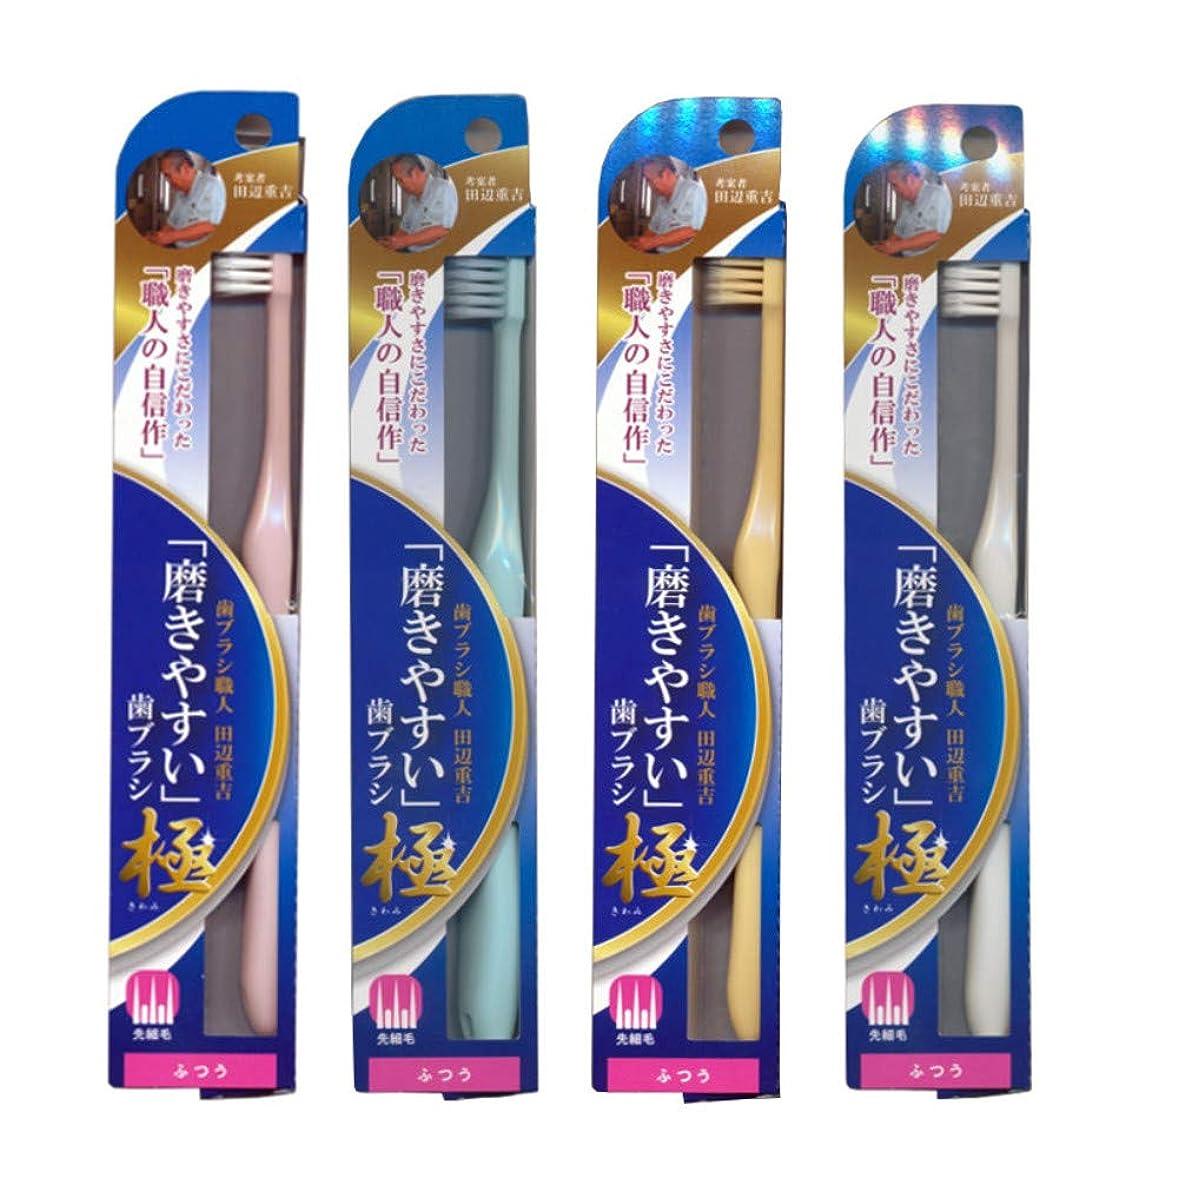 摘む社交的固める磨きやすい歯ブラシ極 (ふつう) LT-44×4本セット(ピンク×1、ブルー×1、ホワイト×1、イエロー×1)先細毛